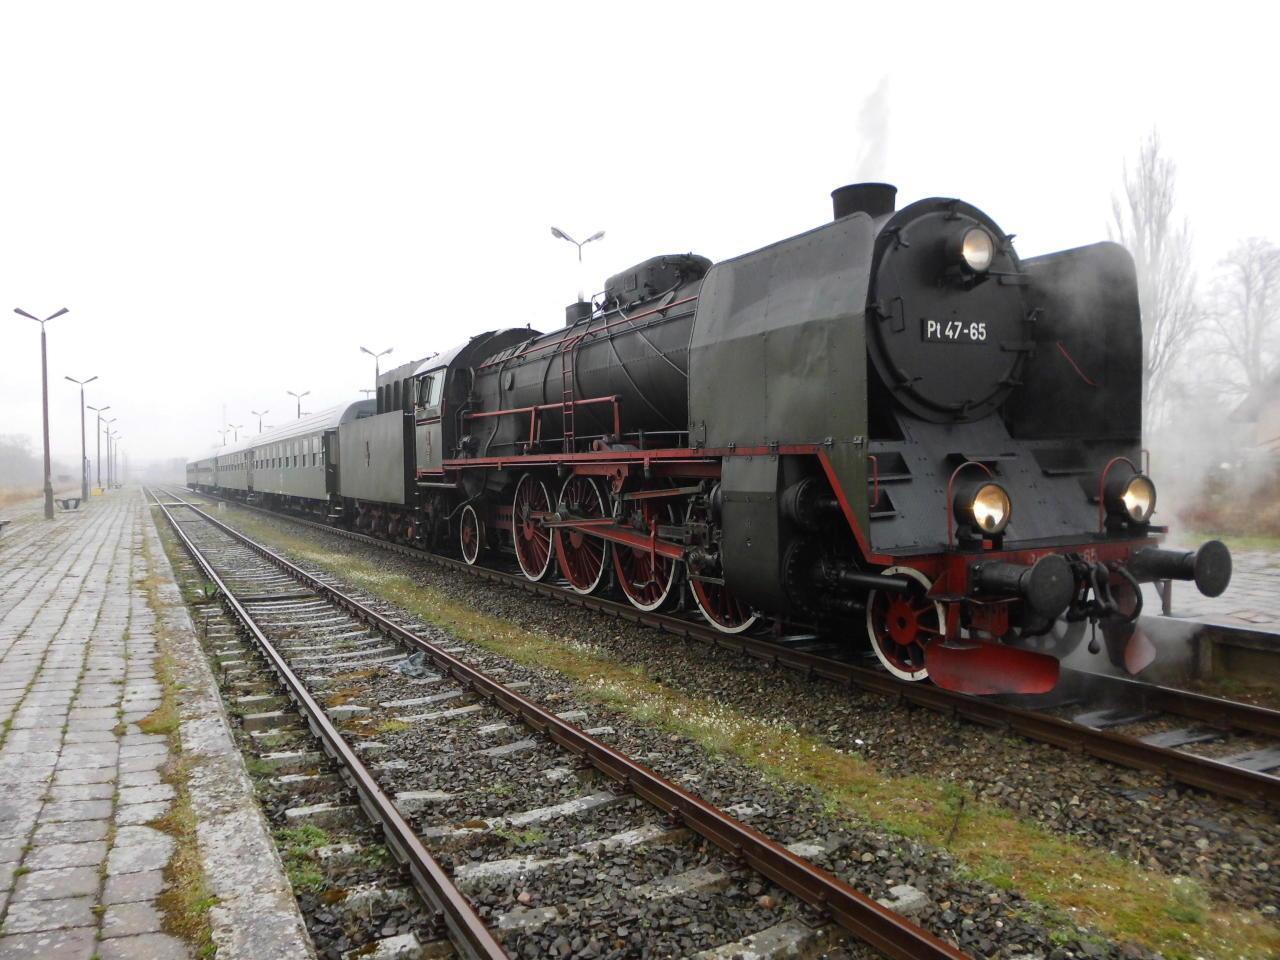 Odjazd pociągu pasażerskiego ze134 letniej stacji PKP Więcbork doPoznania - 16 kwiecień 2018 r. - foto Tomasz Roman Bracka